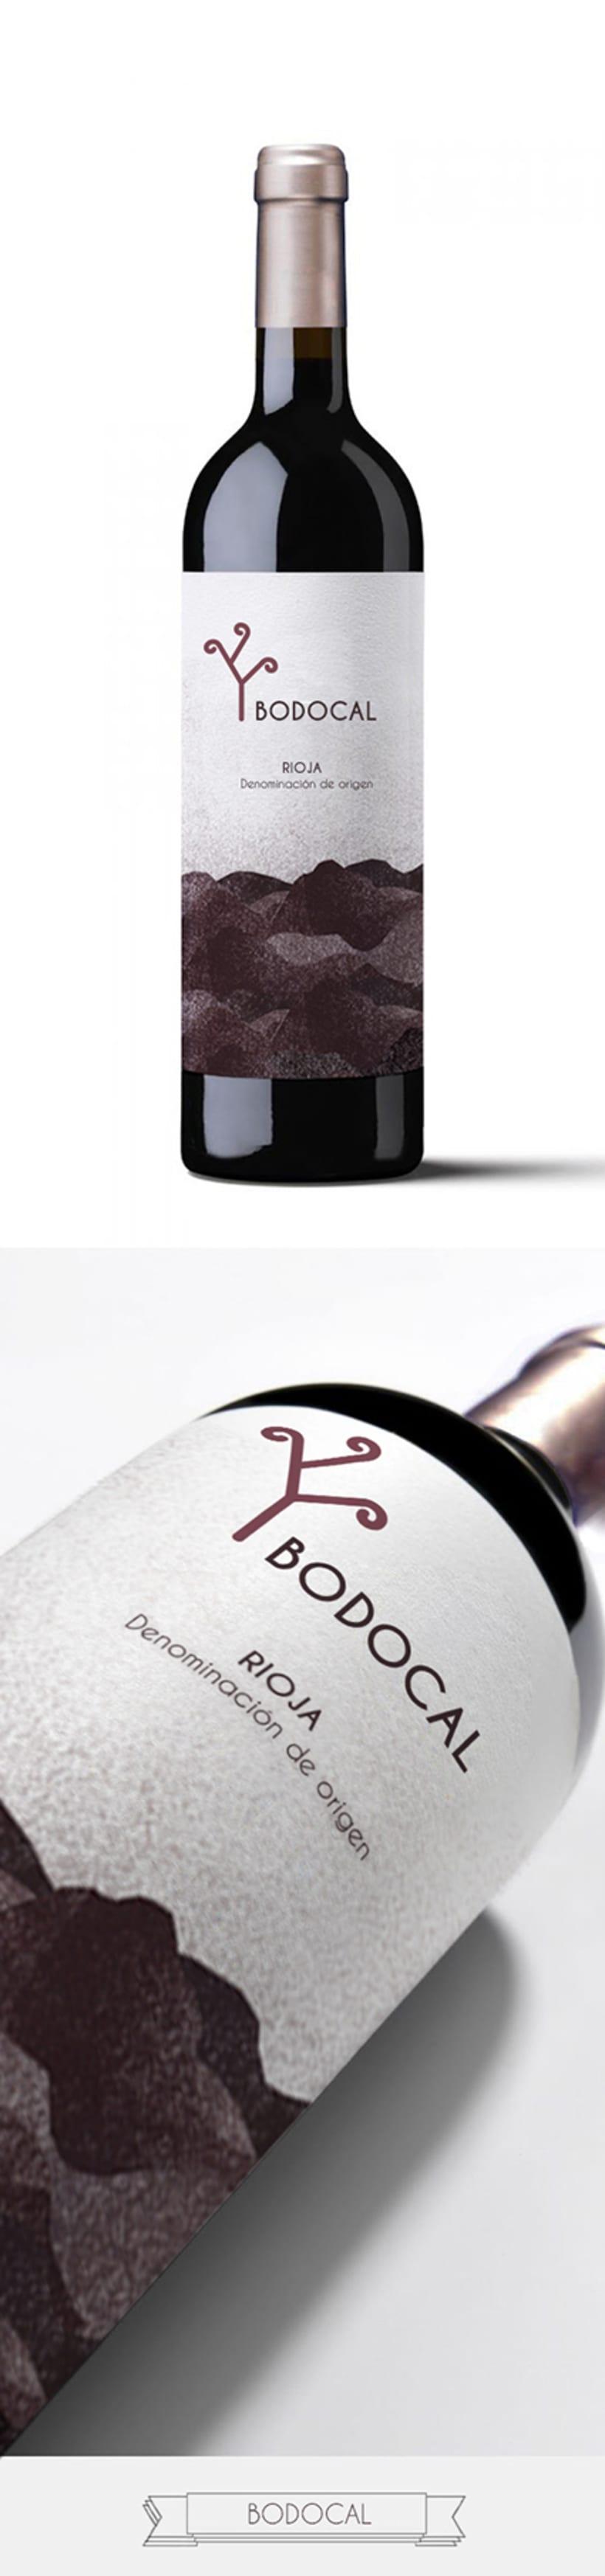 Vino Rioja BODOCAL -1